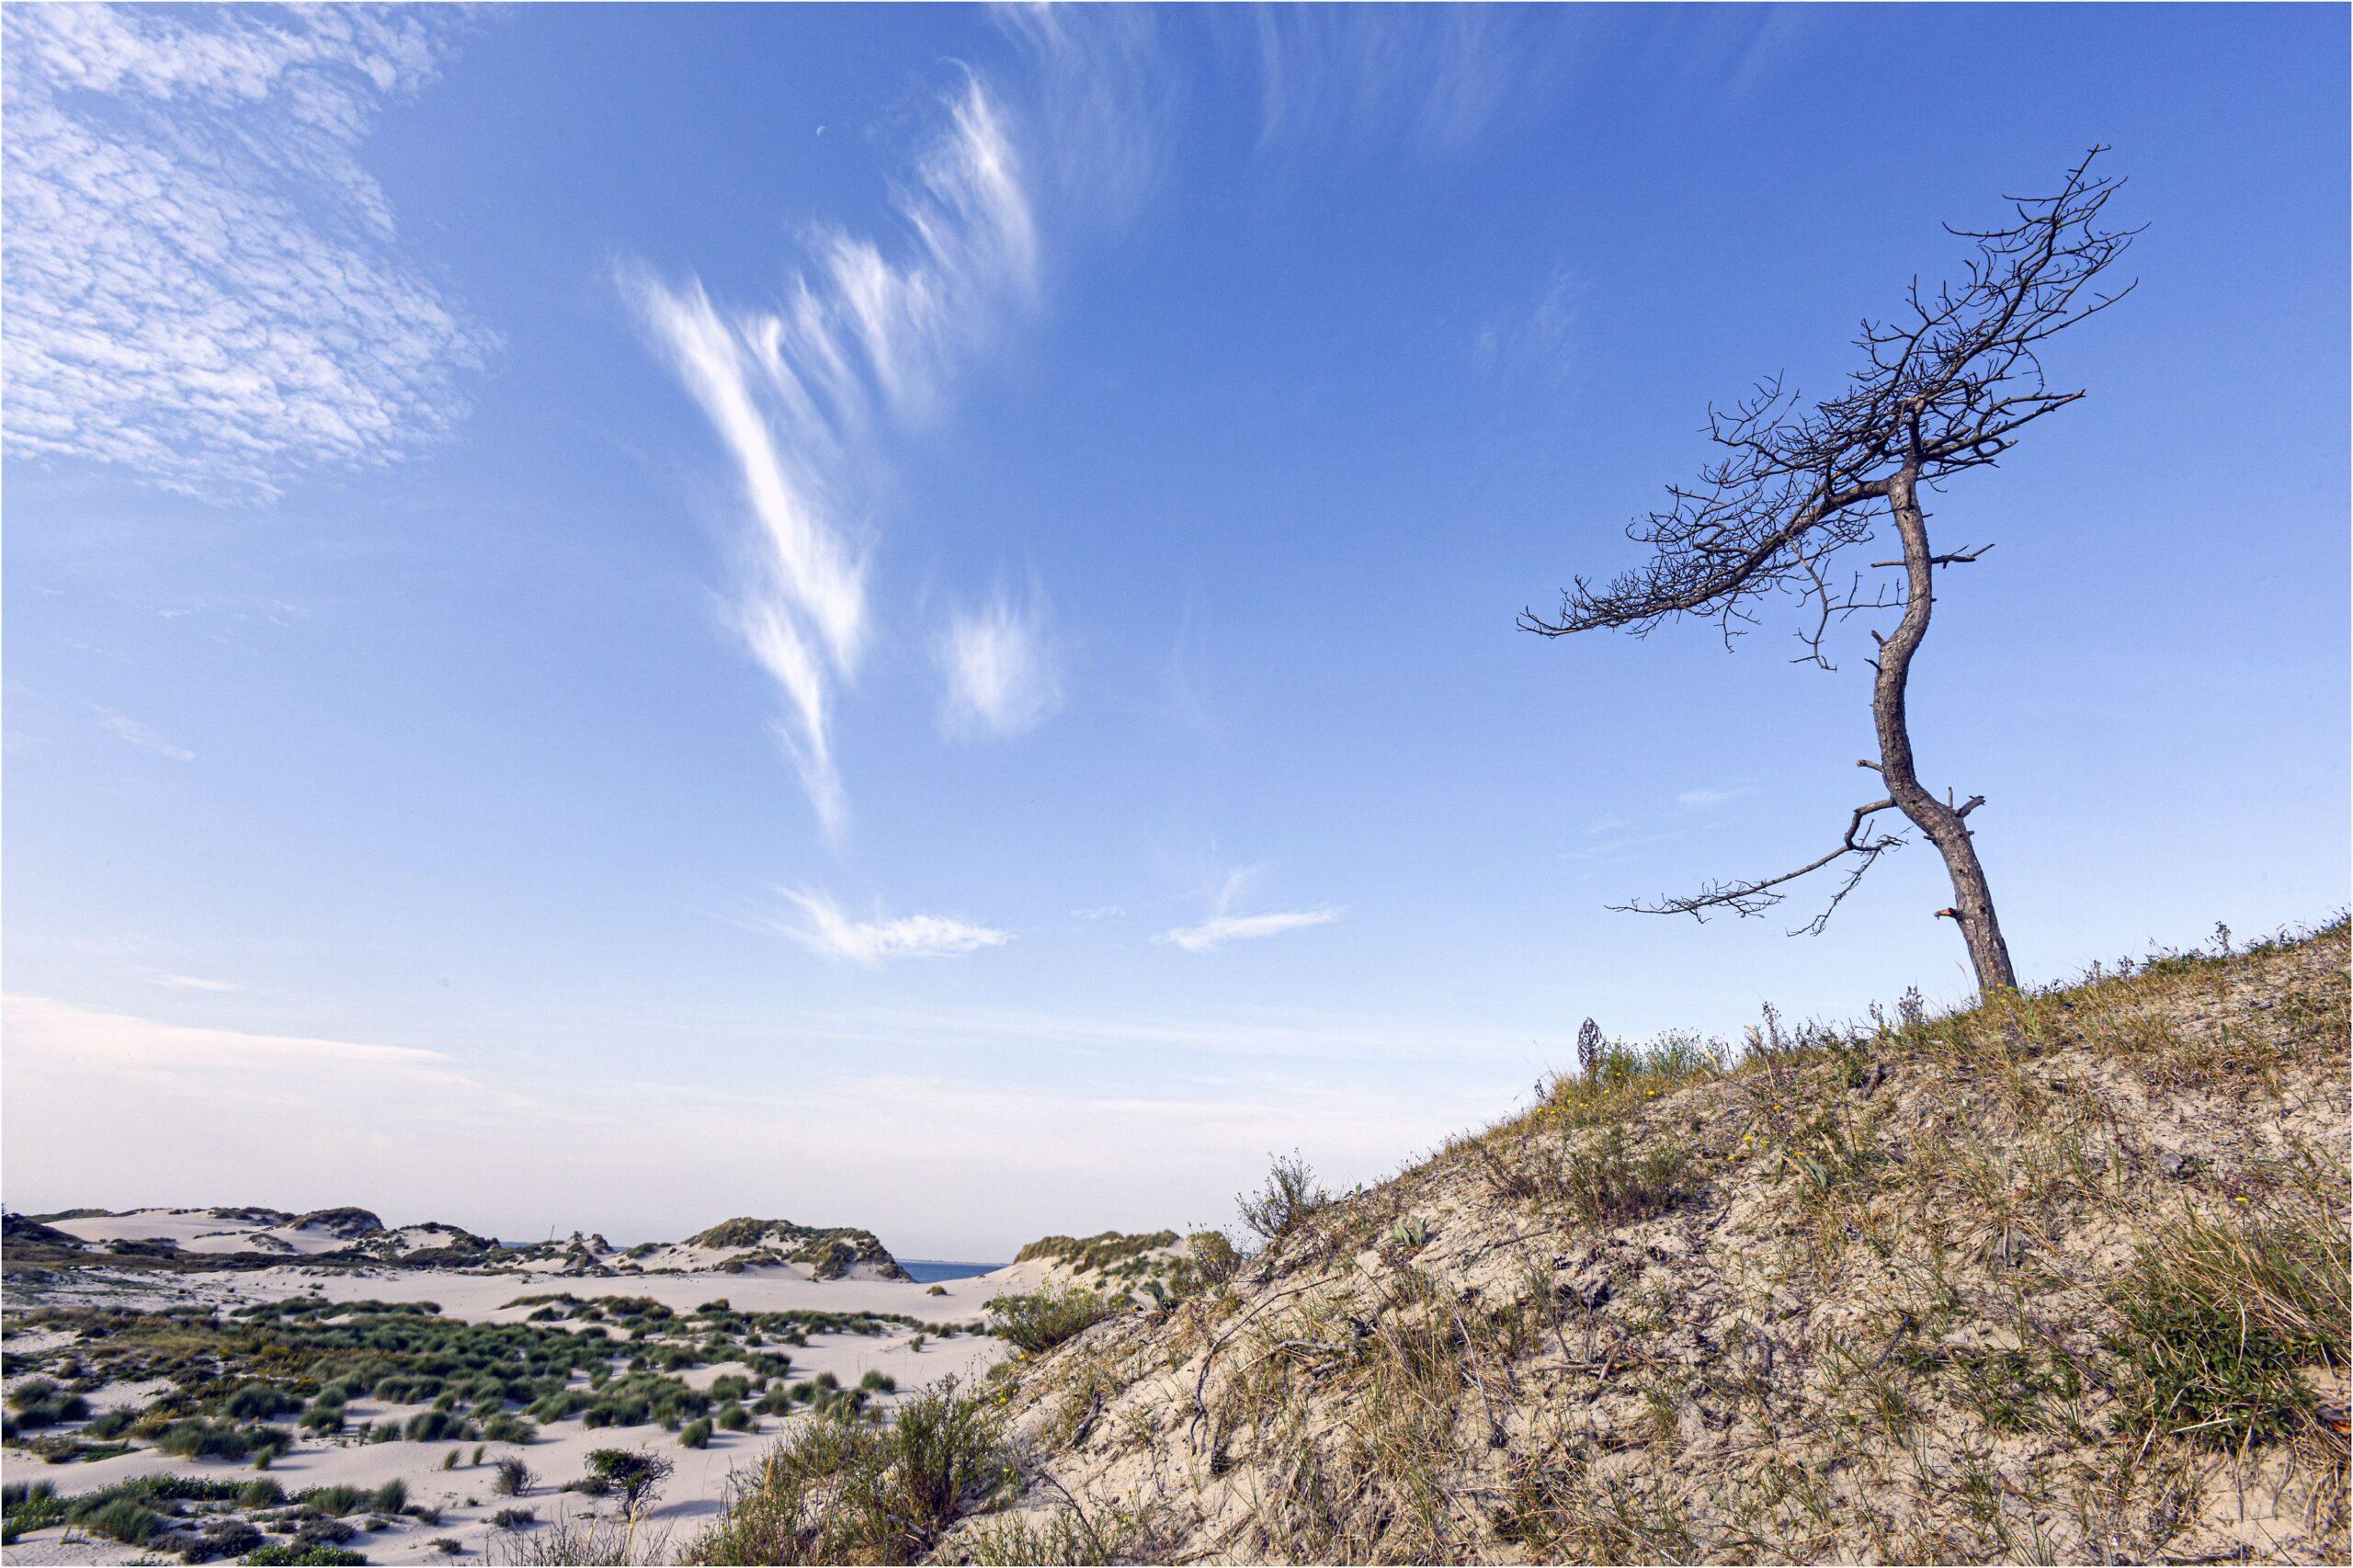 Duingebied Kop van Schouwen (foto Ton Stanowicki, www.beeldbank.zeeland.nl).